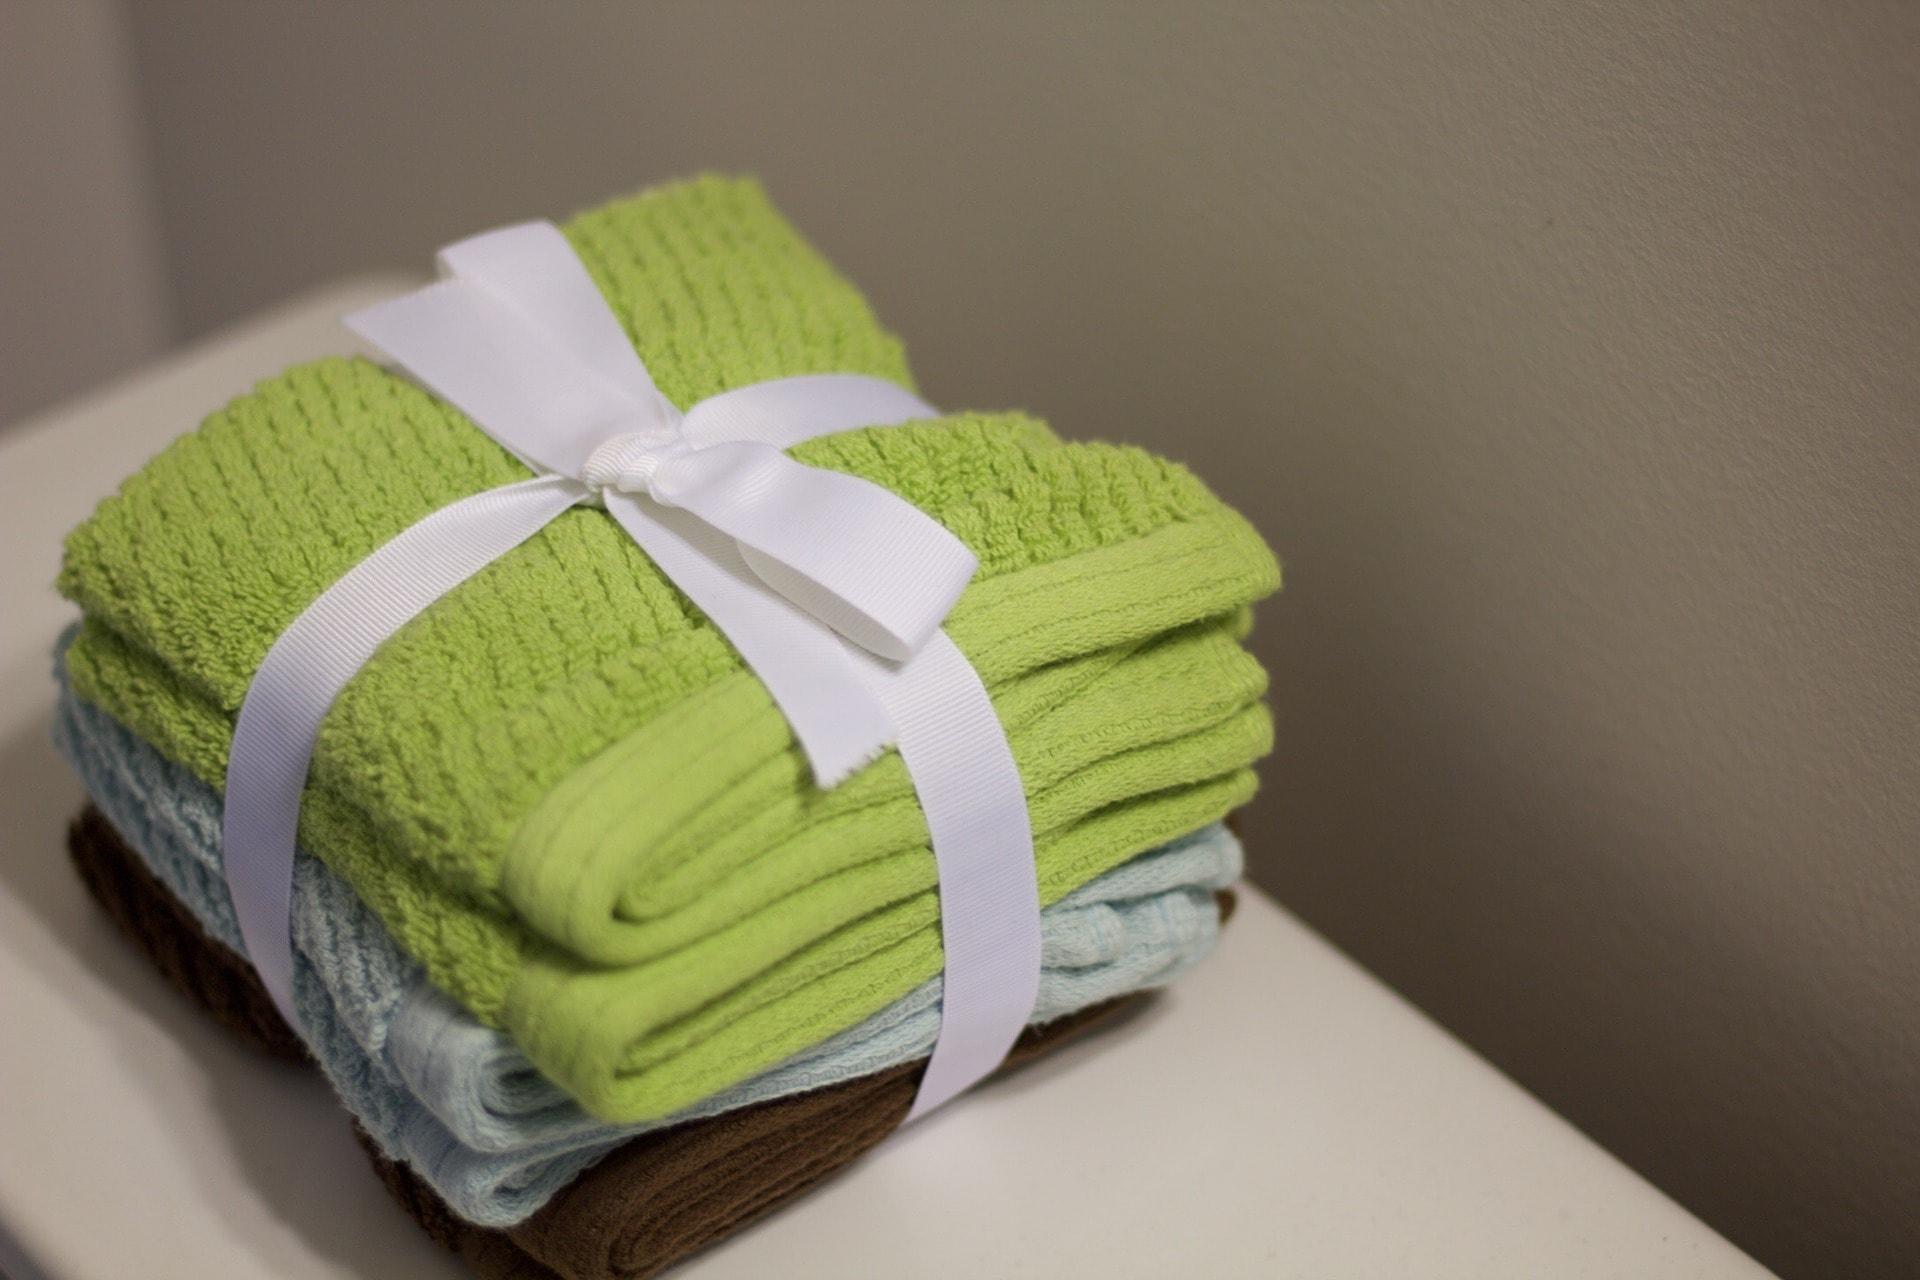 Jakie Ręczniki Najlepiej Chłoną Wodę Jaka Gramatura